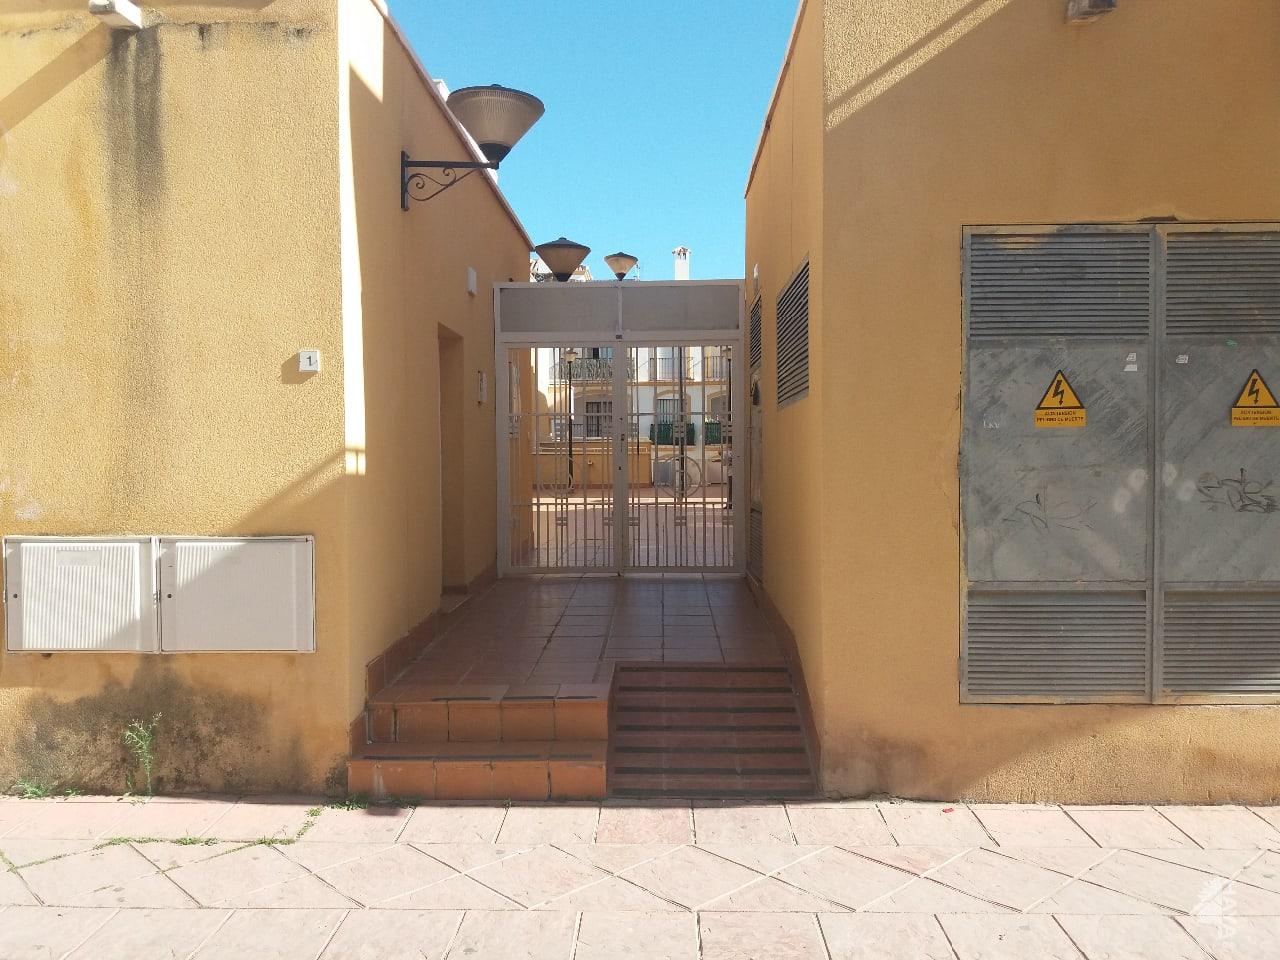 Piso en venta en Vera, Almería, Calle Celia Vias, 52.500 €, 2 habitaciones, 1 baño, 102 m2